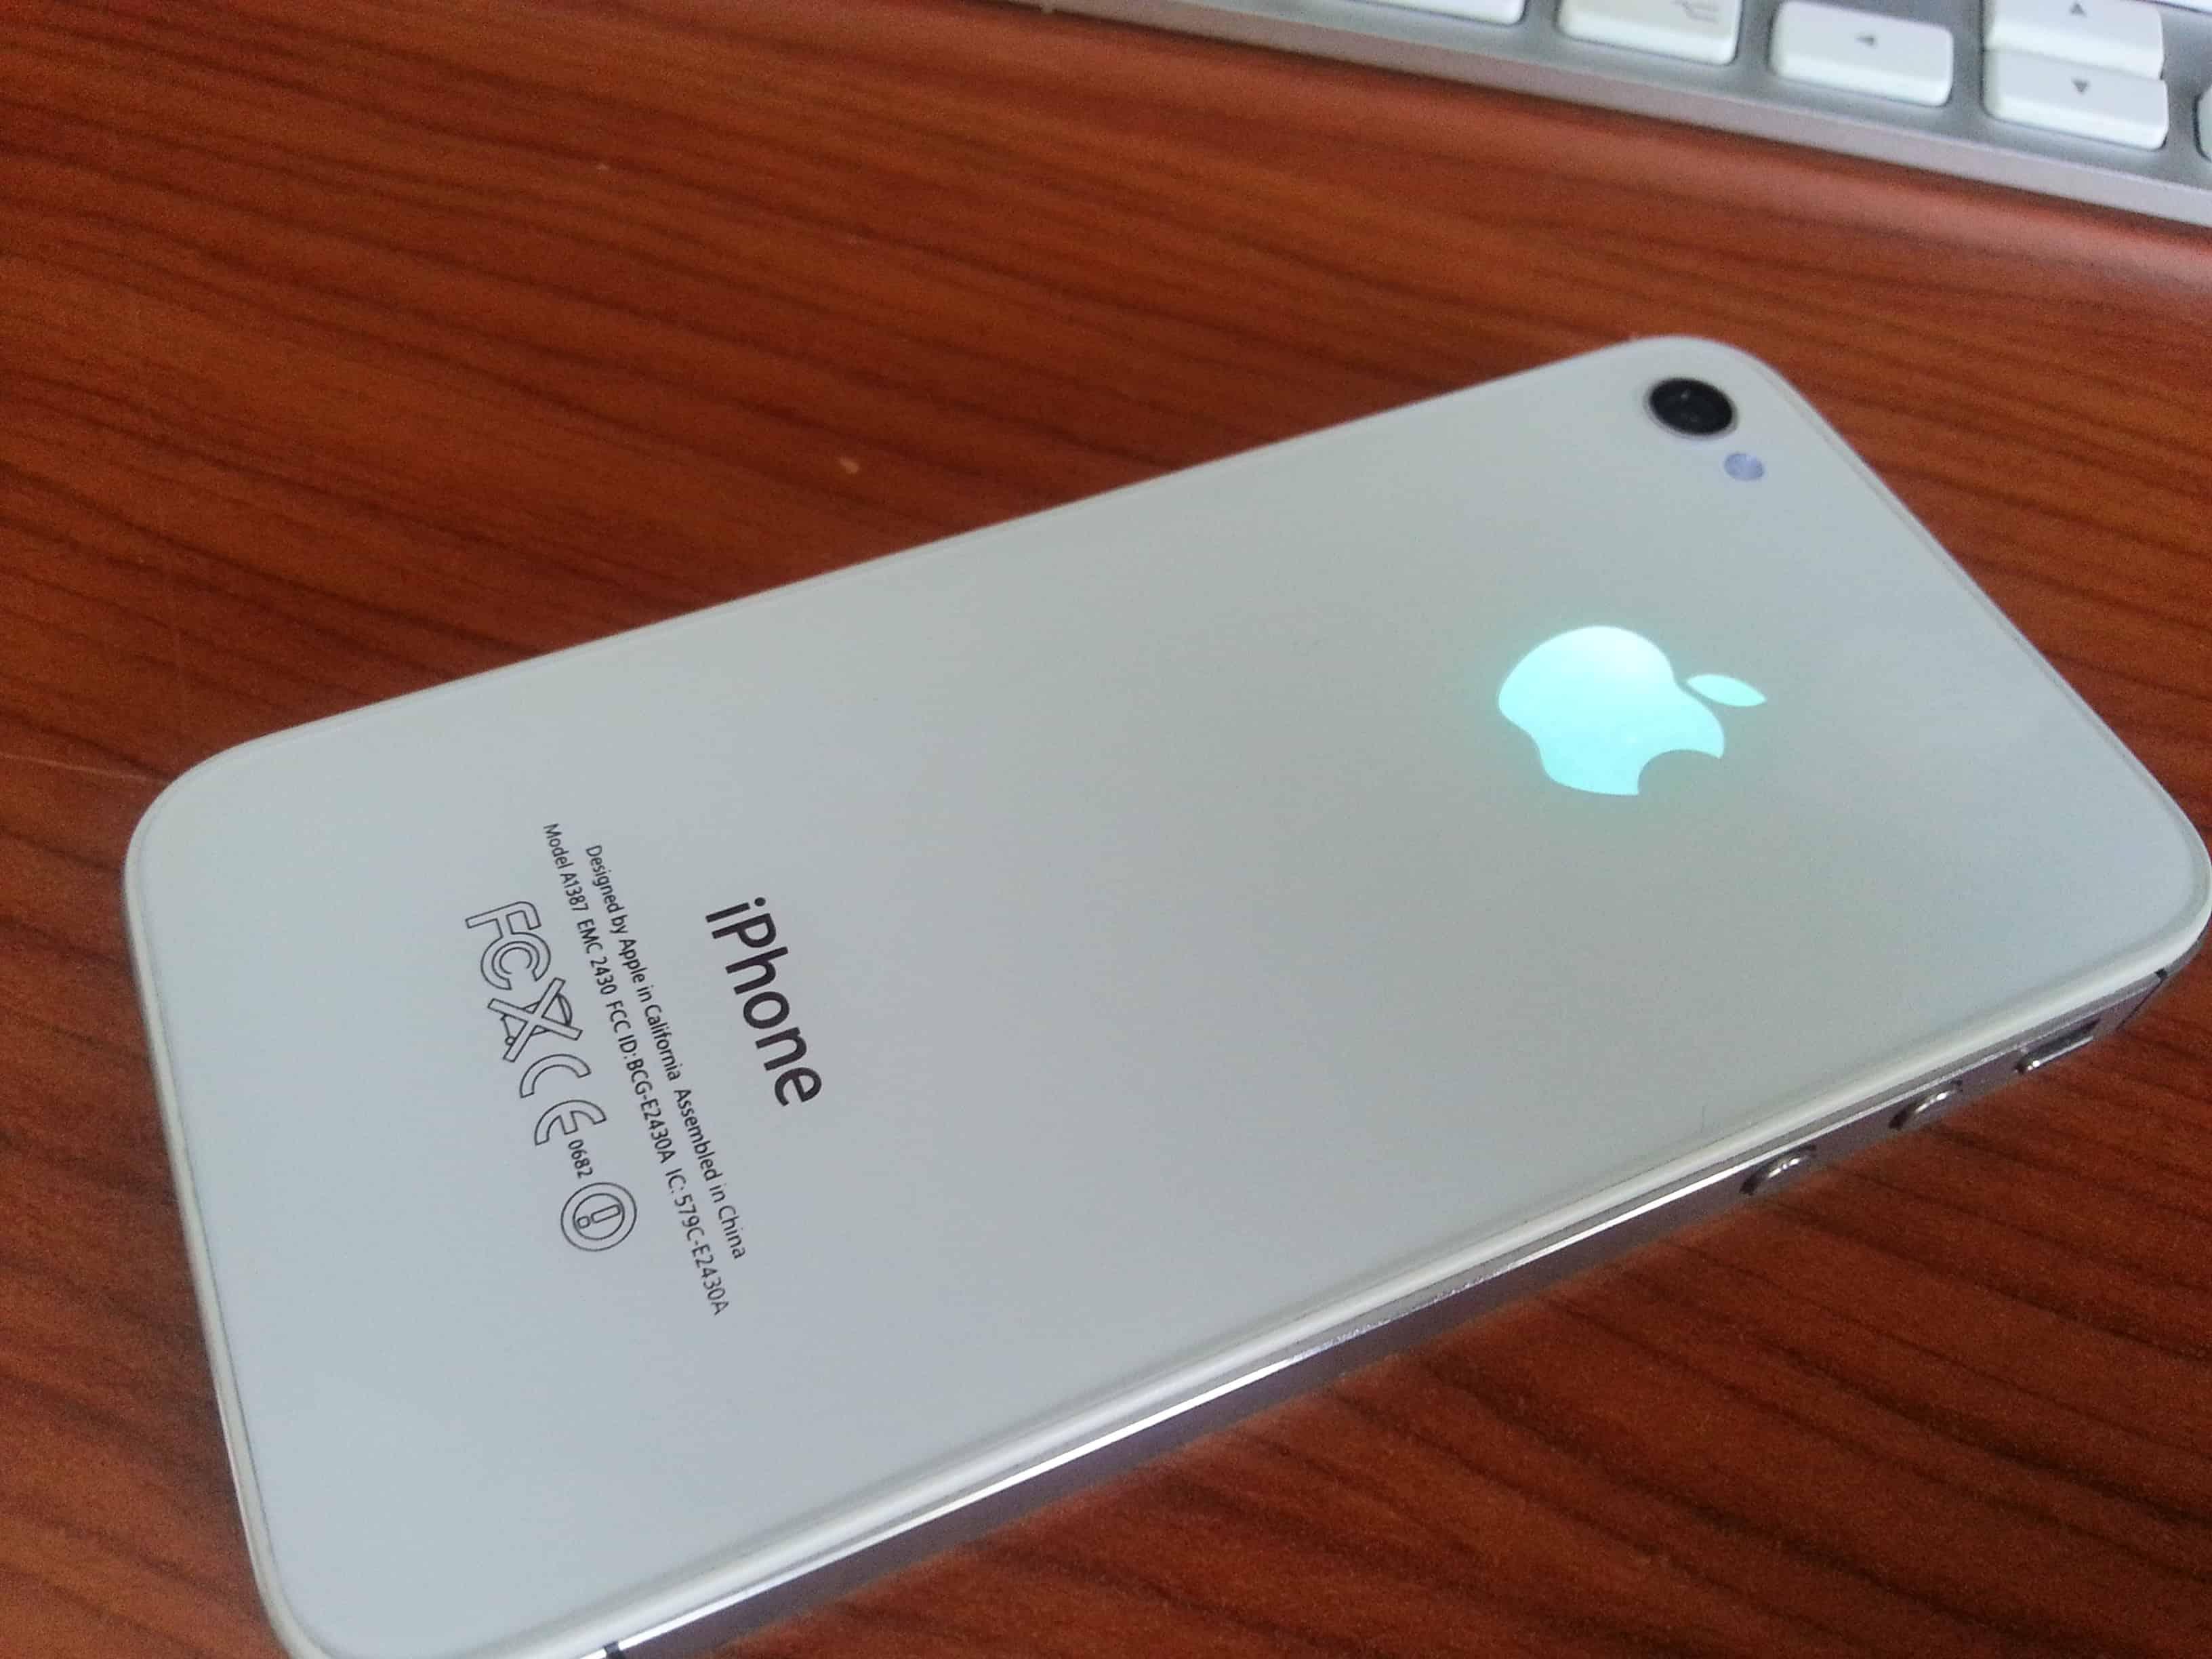 Eclairez la pomme de votre Iphone 4 ou 4S, le test ! sur Begeek.fr